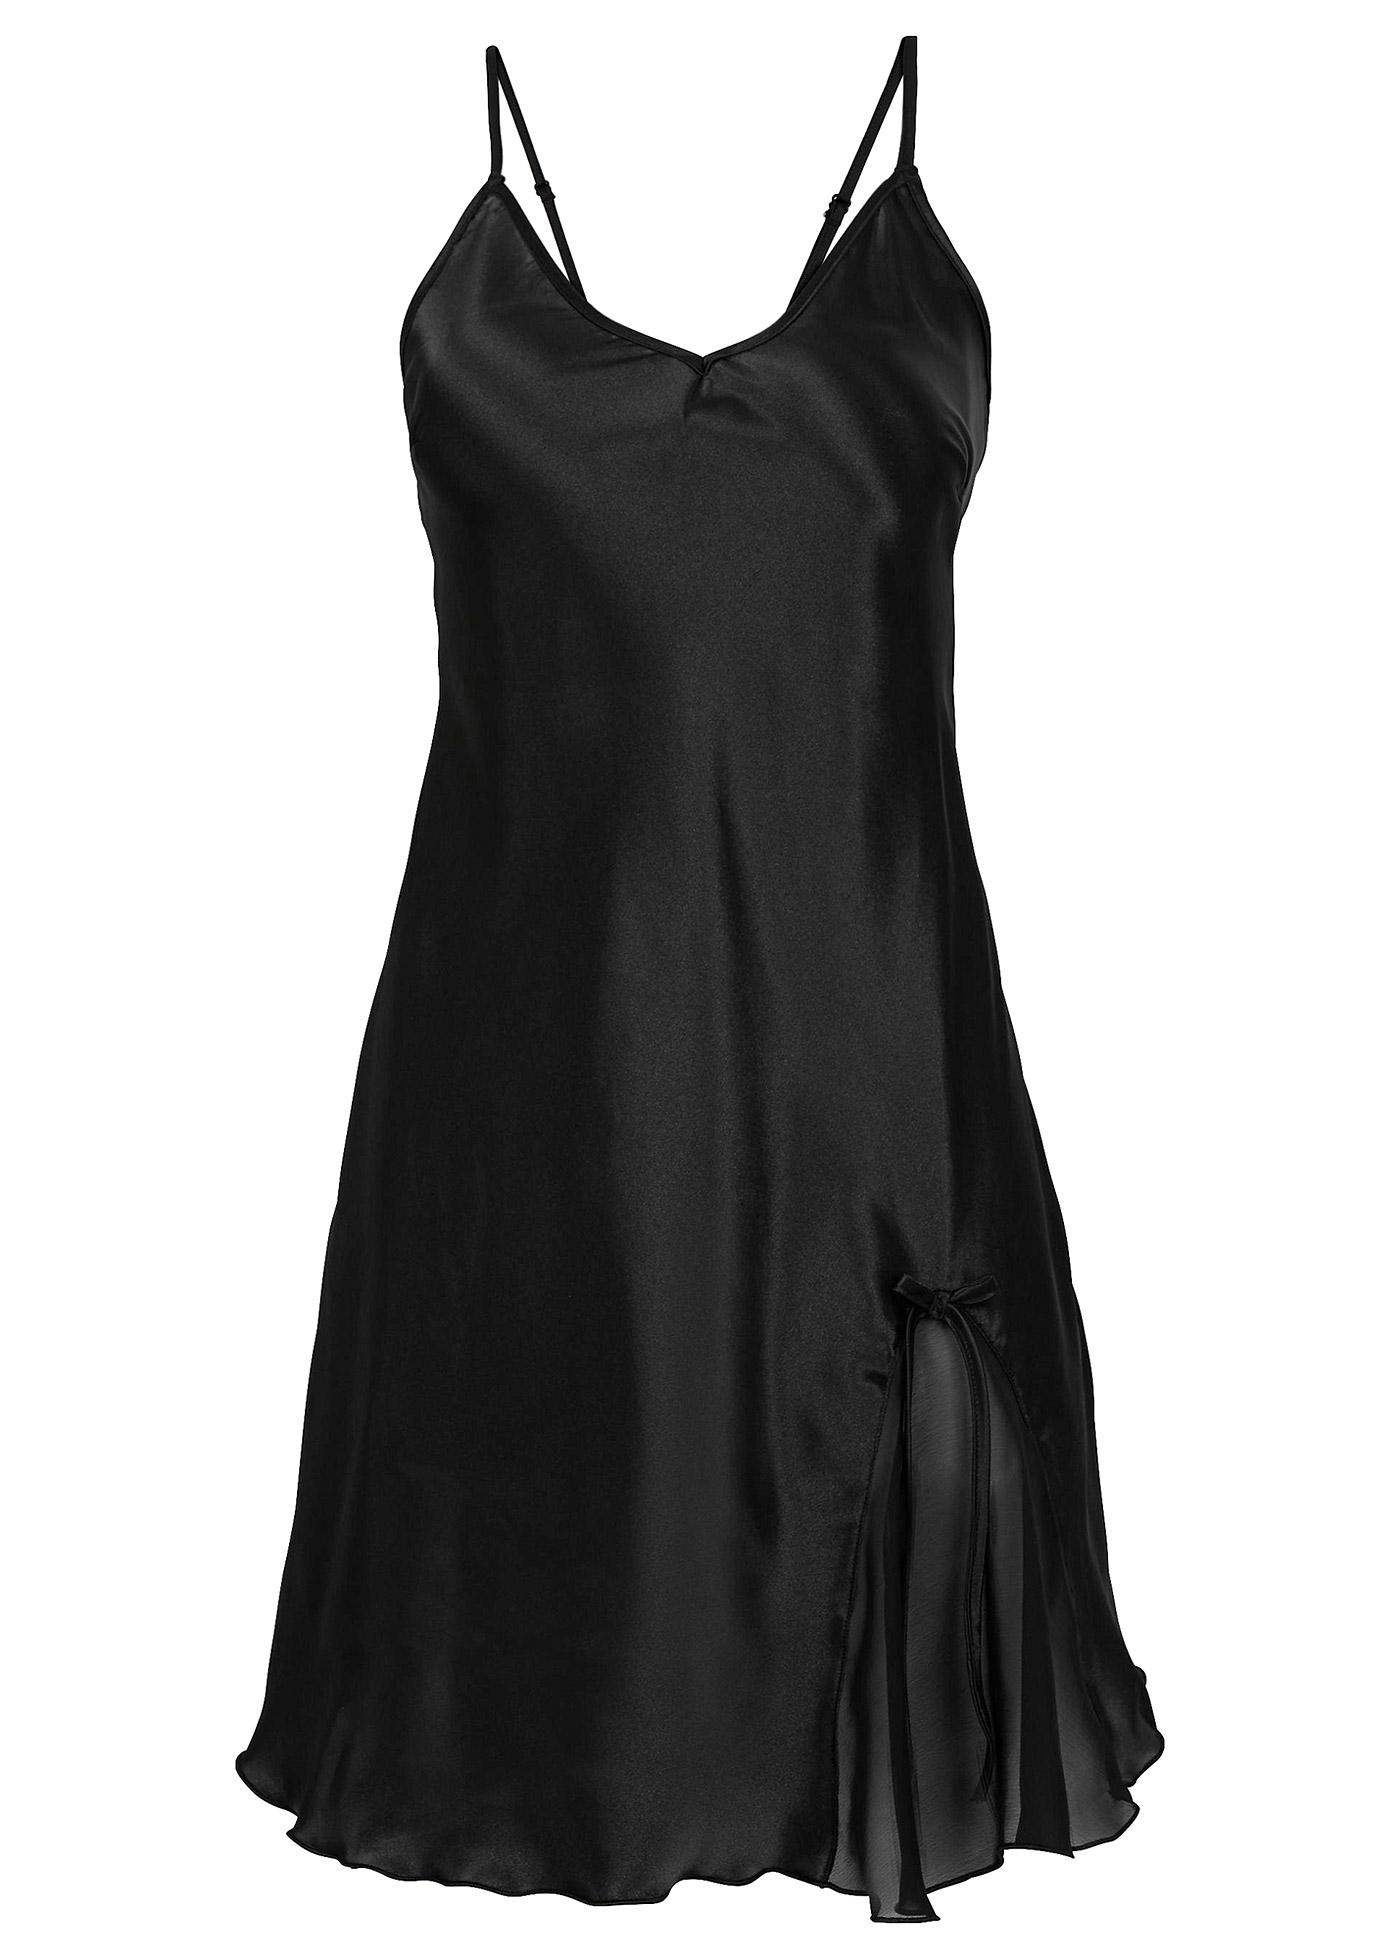 Neglige ohne Ärmel  in schwarz für Damen von bonprix Wäsche > Unterwäsche Damen > Corsagen & Negligés